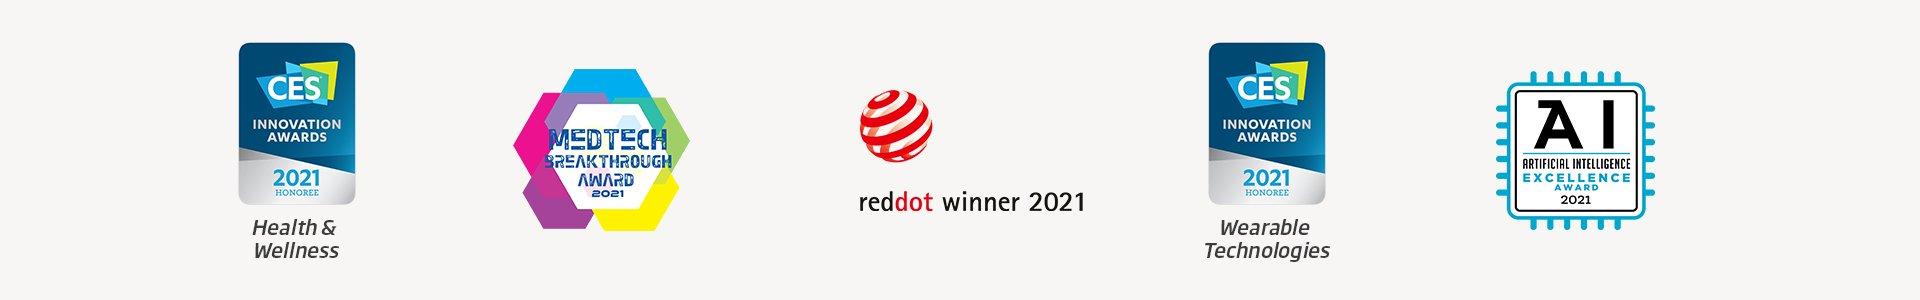 award-banner-1920x300-v1